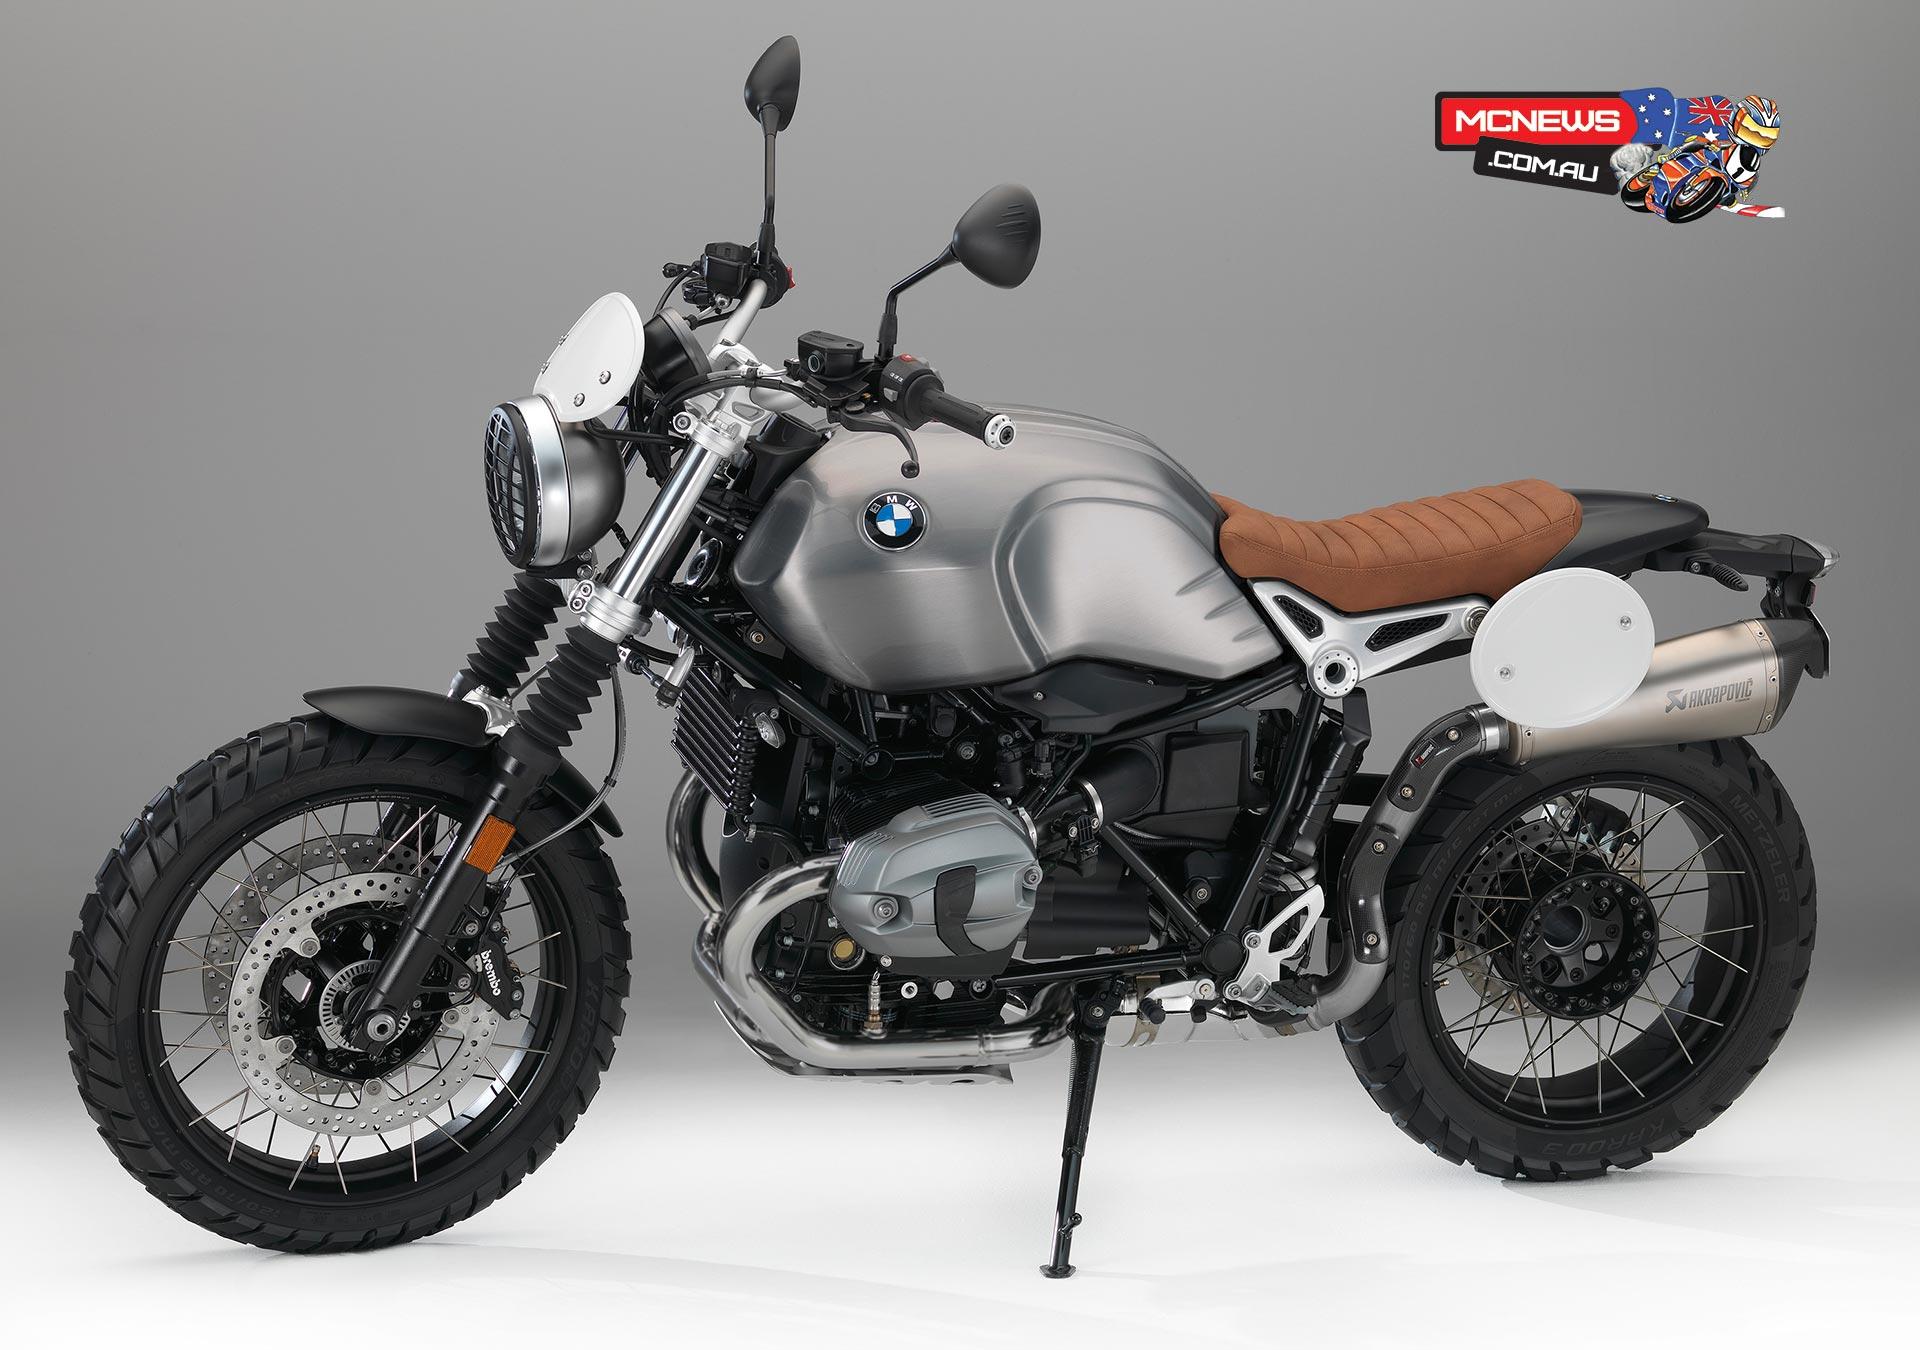 Bmw Motorrad Bonus Offers Mcnews Com Au